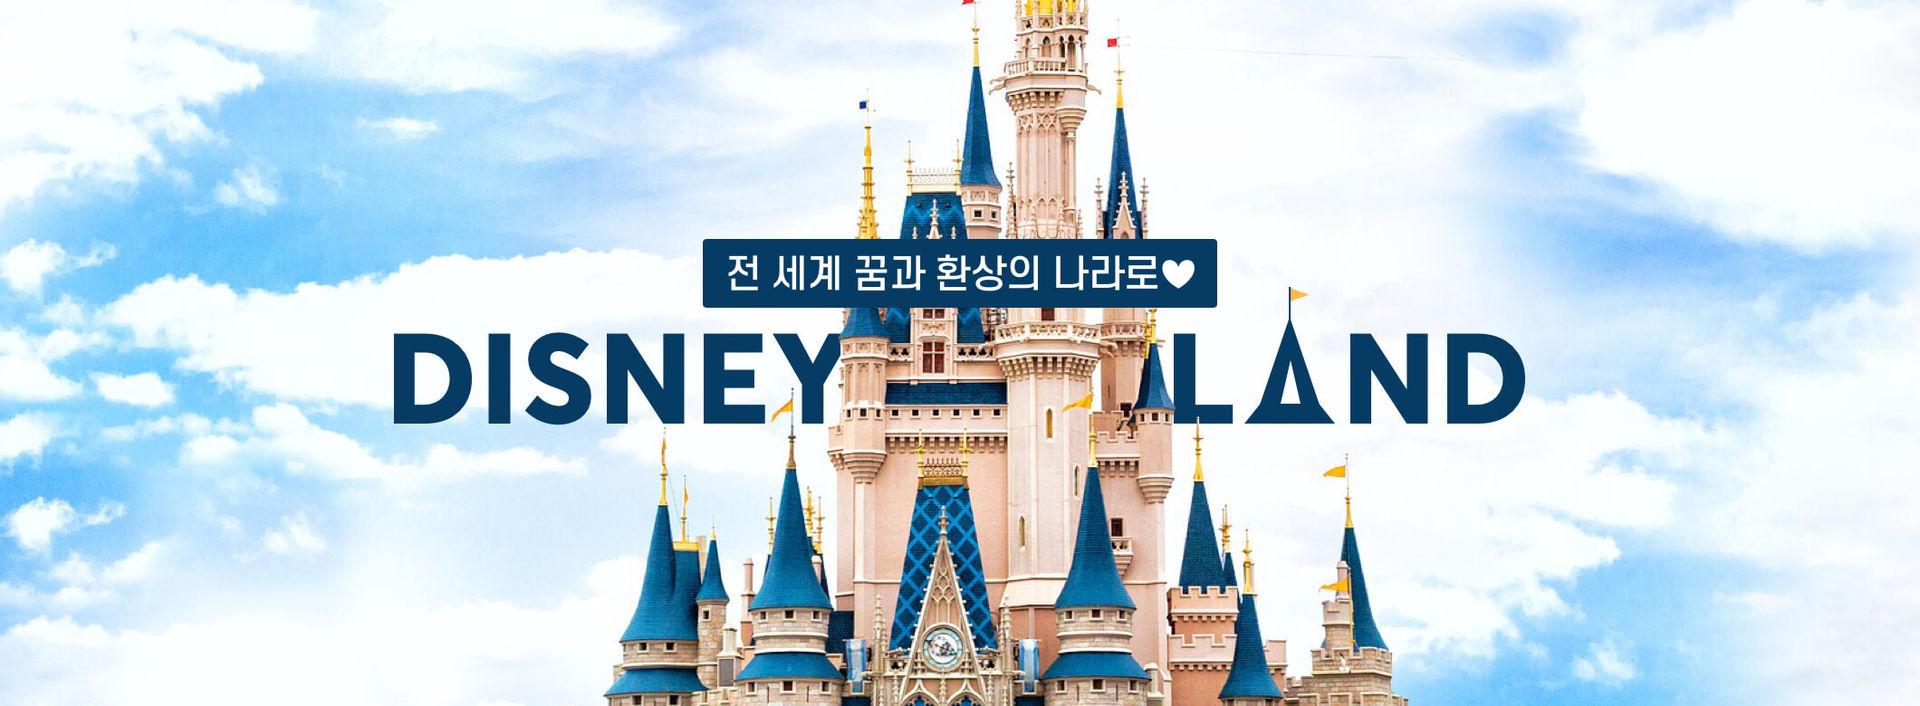 디즈니랜드